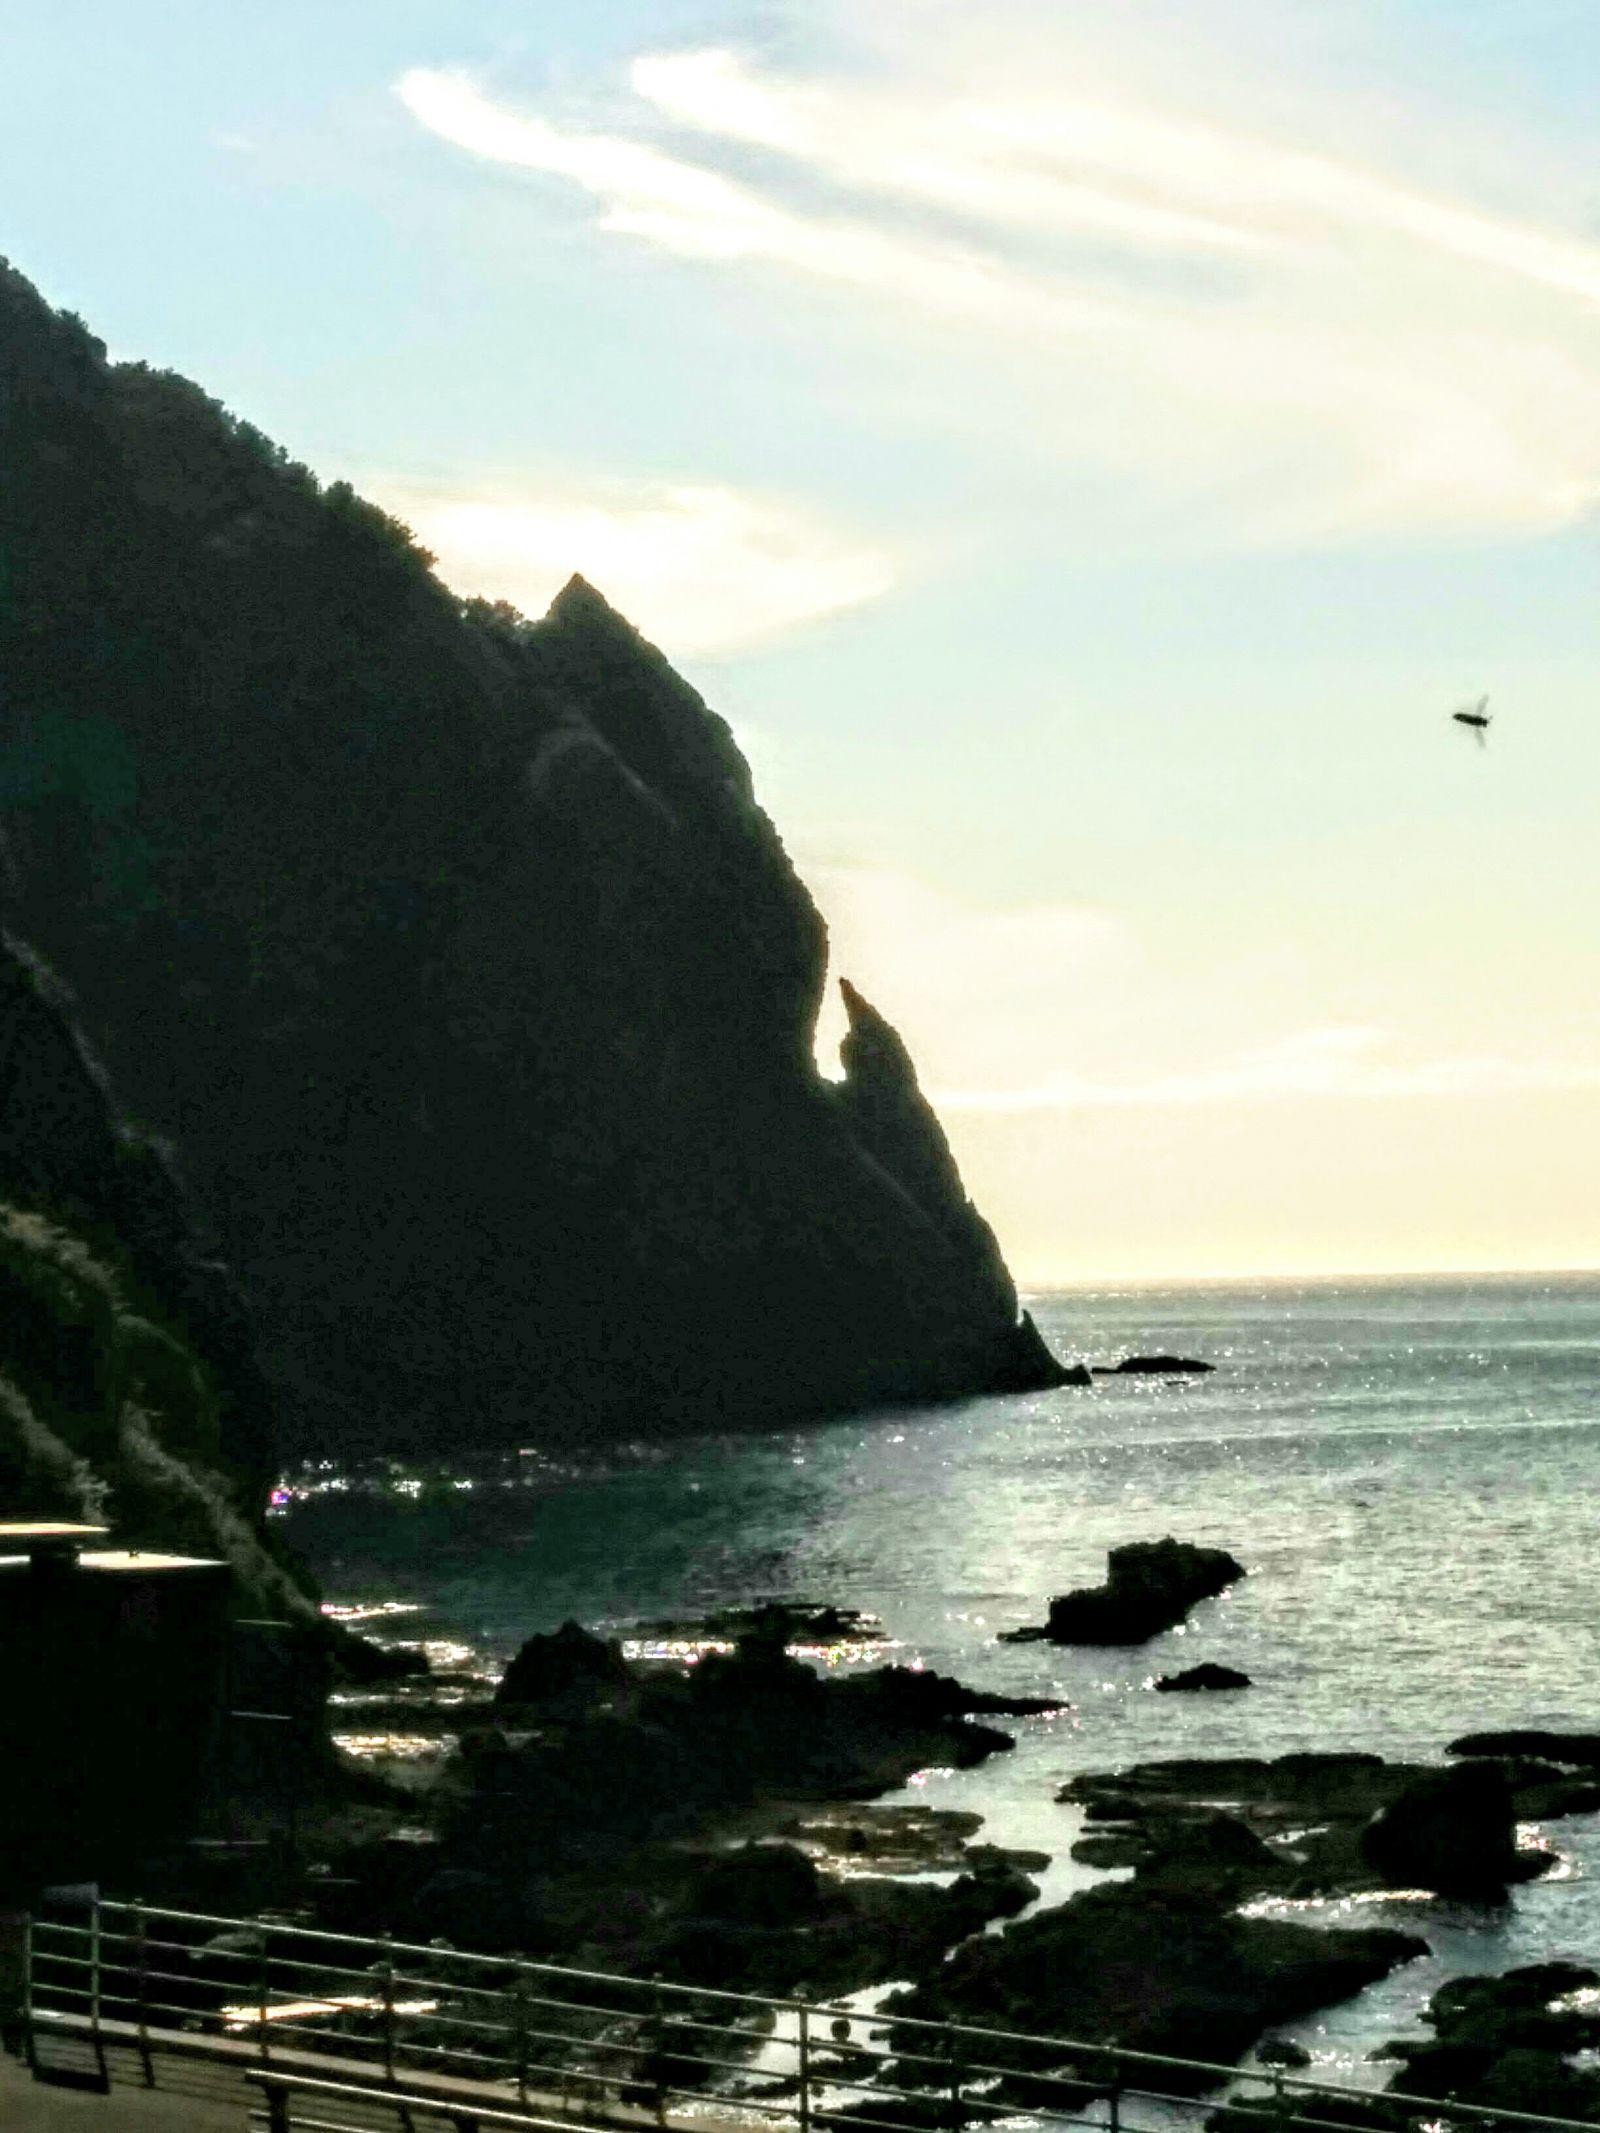 【岩内町】雷電海岸・雷電温泉・雷電岬観光案内です。